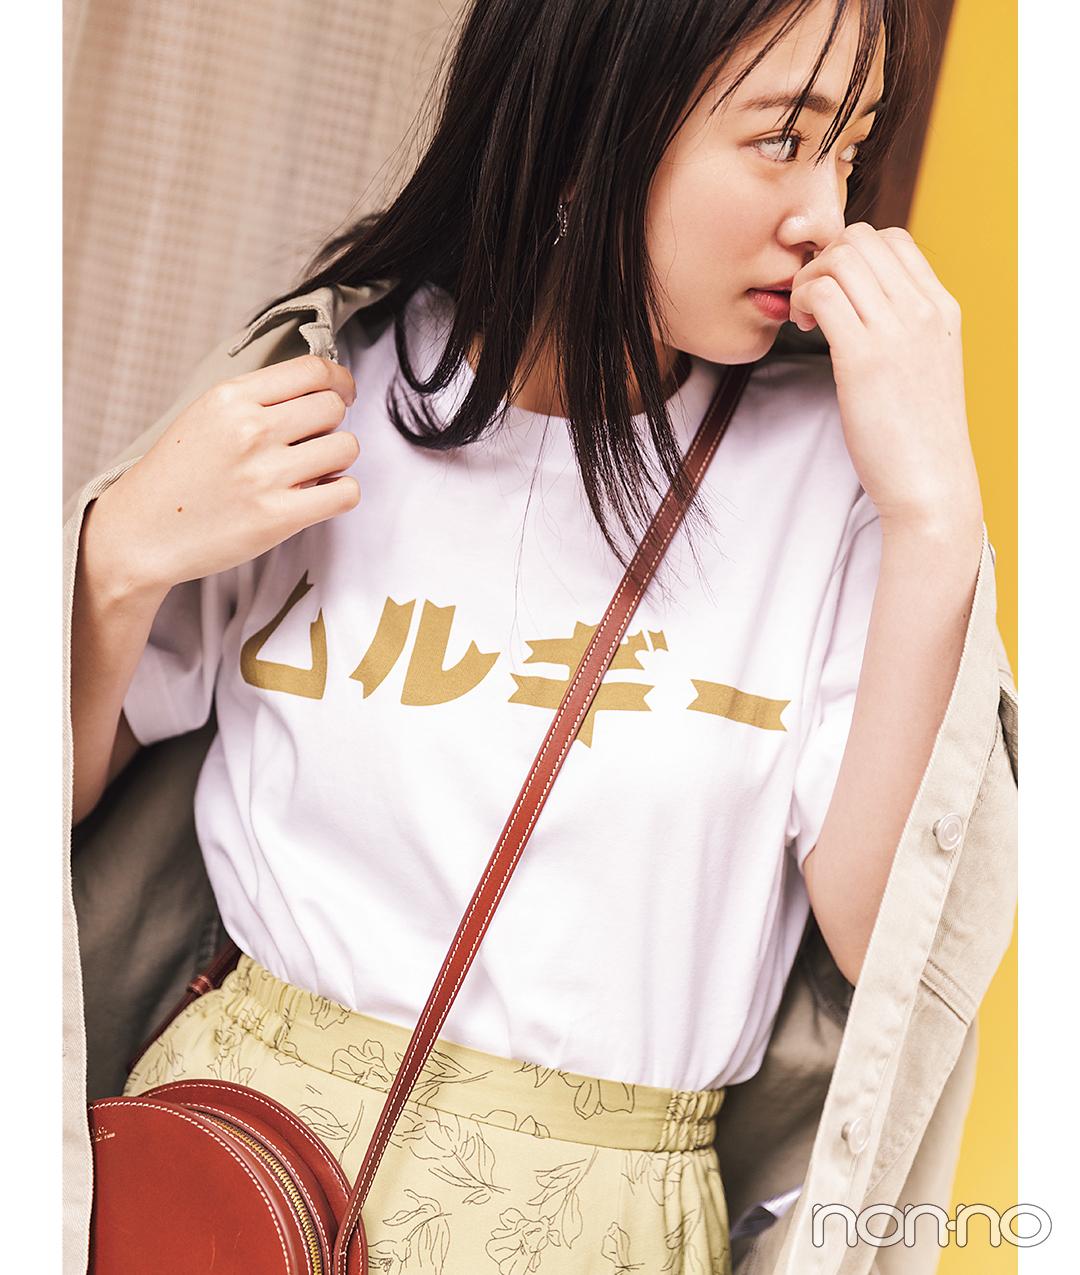 Photo Gallery|この夏買うべき! 2021年の本命Tシャツリスト_1_6